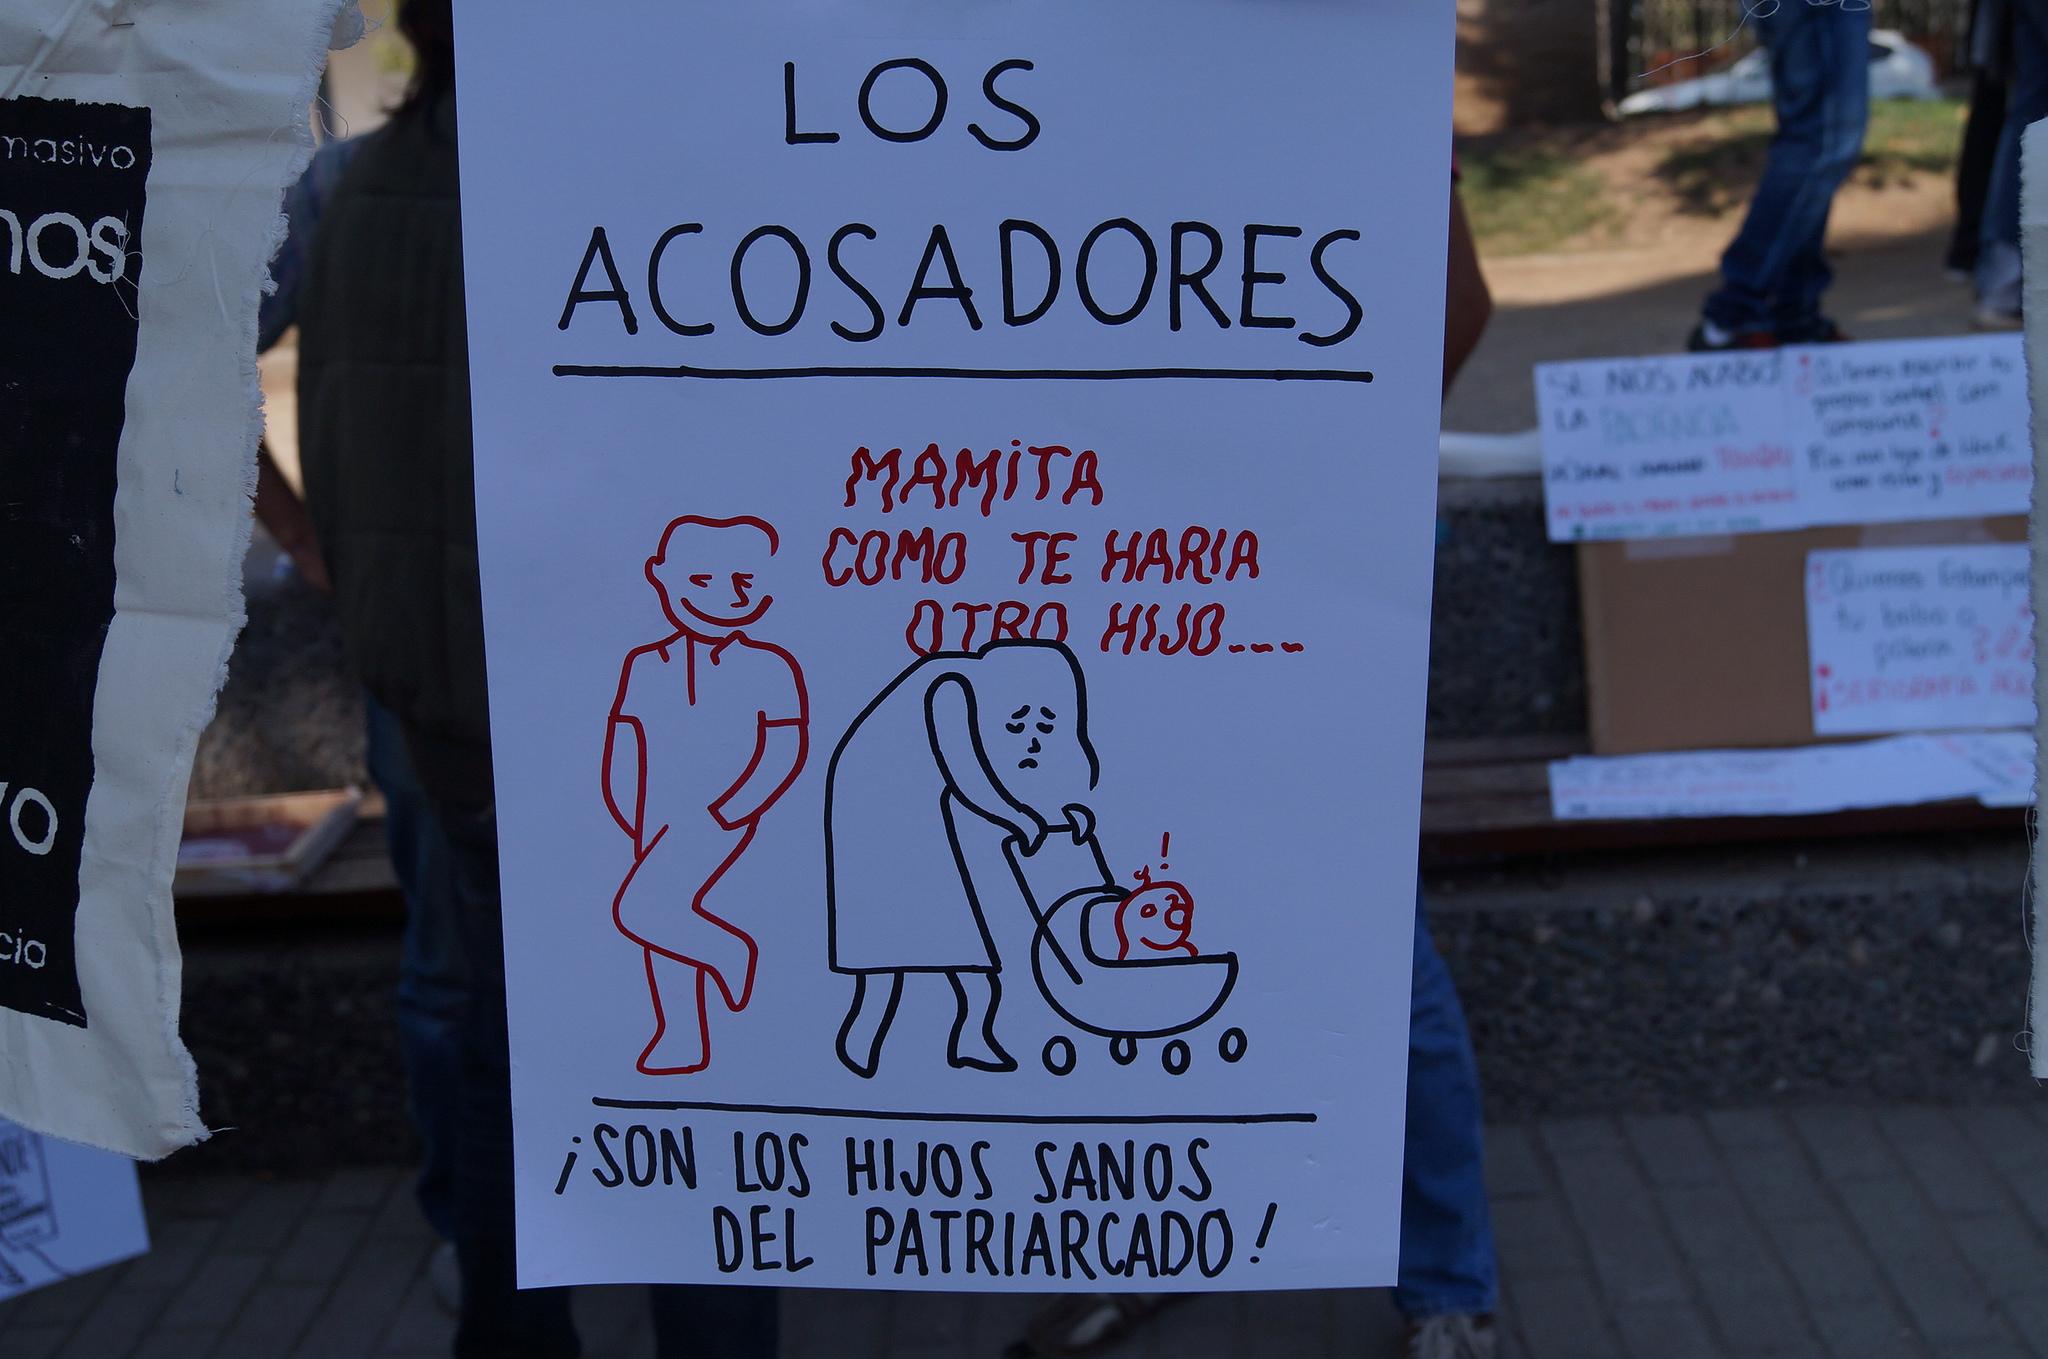 Cartel usado en la Semana Internacional Contra el Acoso Callejero en 2014. Foto en Flickr de OCAC Chile (CC BY-NC 2.0).